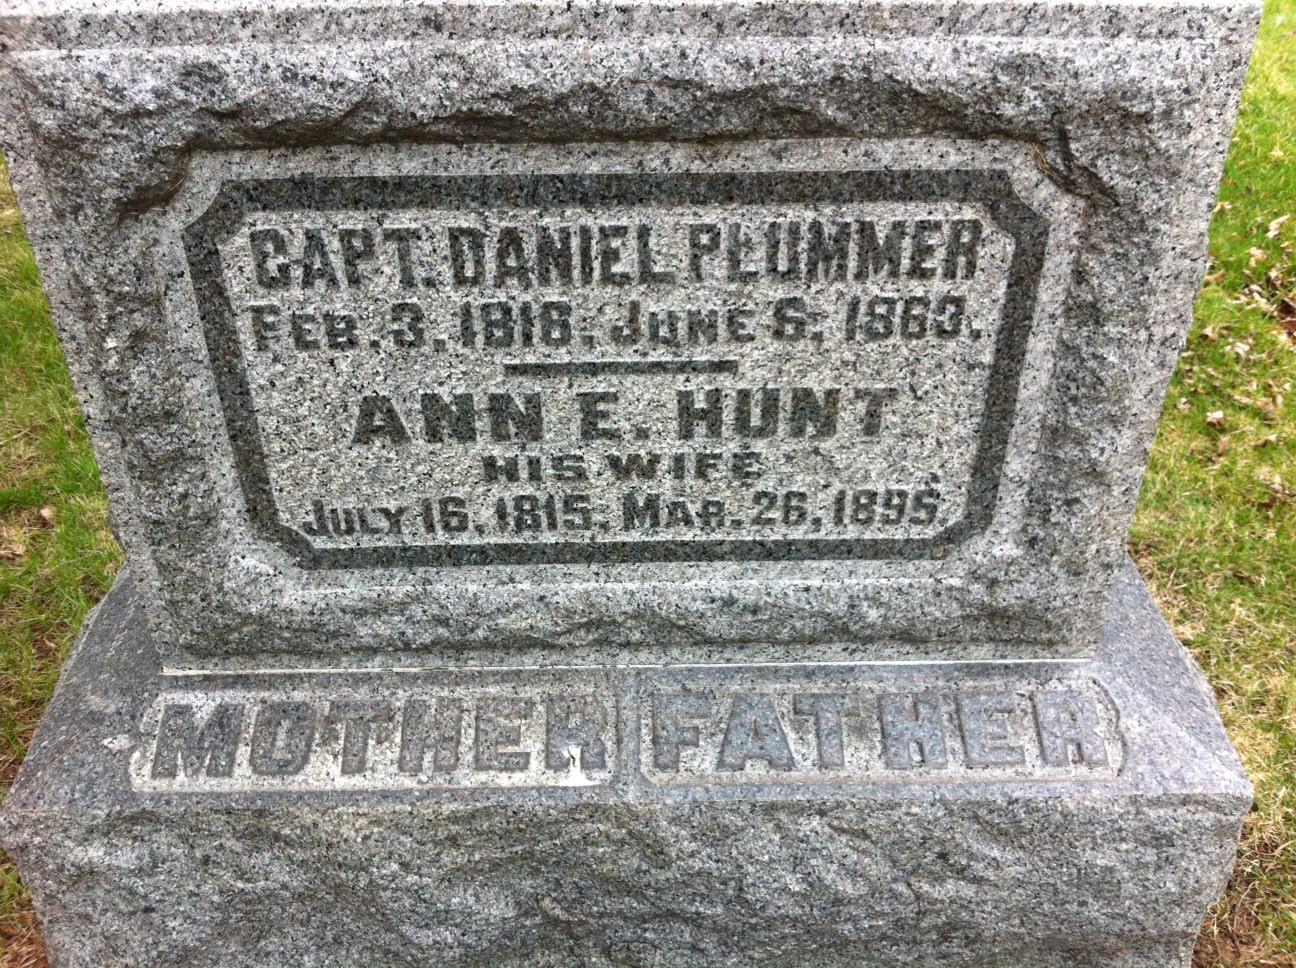 Eldridge Plummer